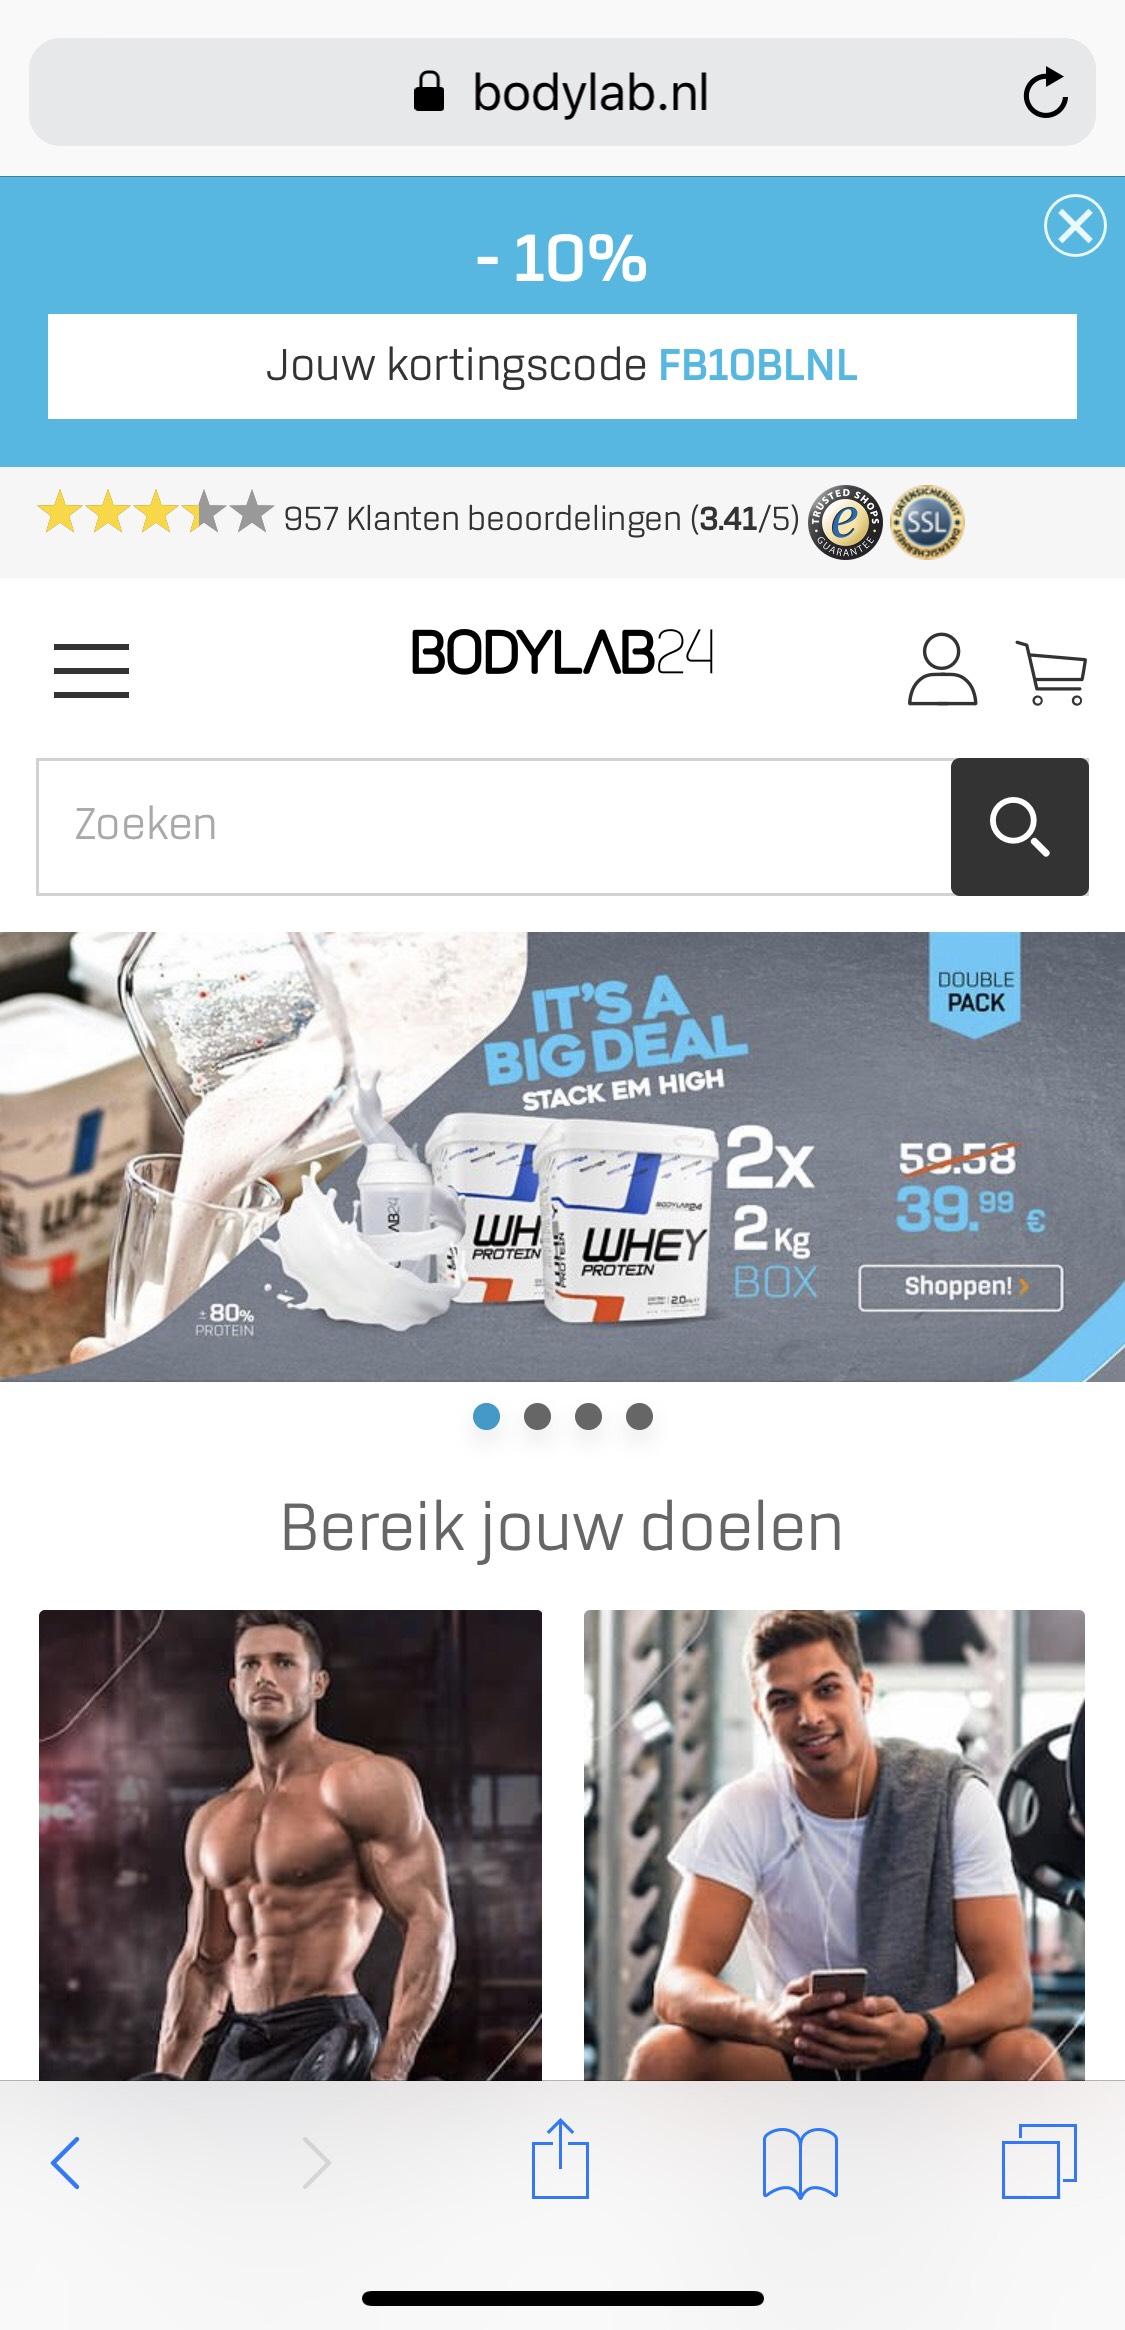 10% korting bij bodylab.nl